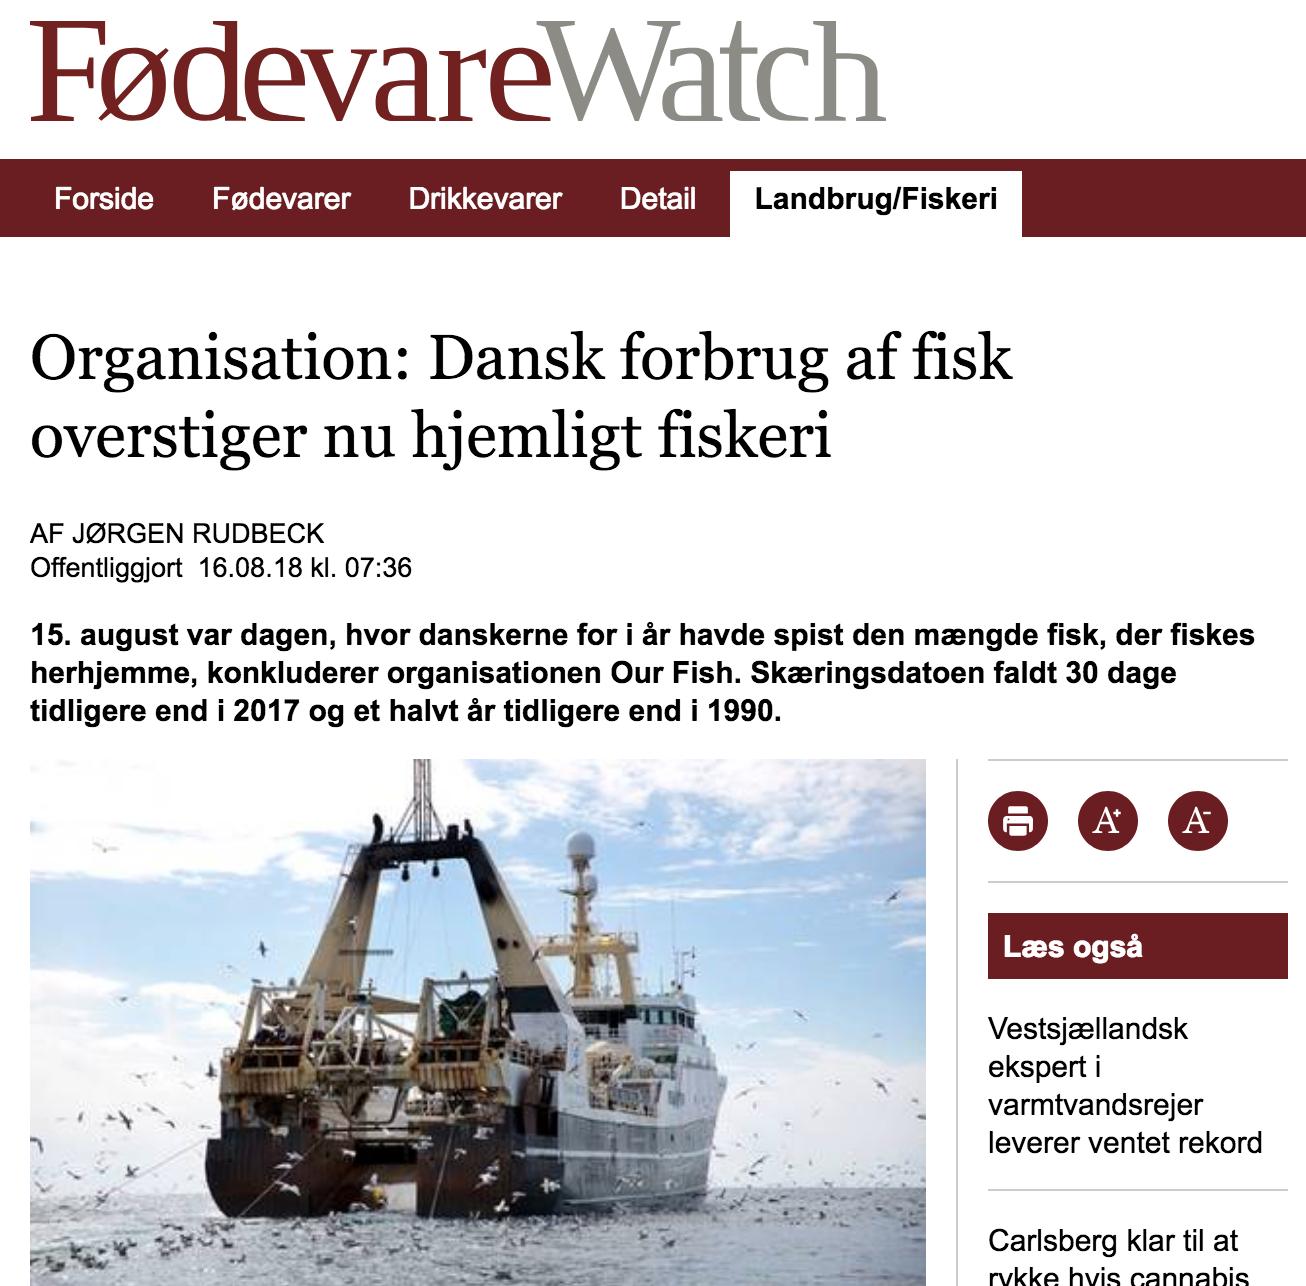 Organisation: Dansk forbrug af fisk overstiger nu hjemligt fiskeri